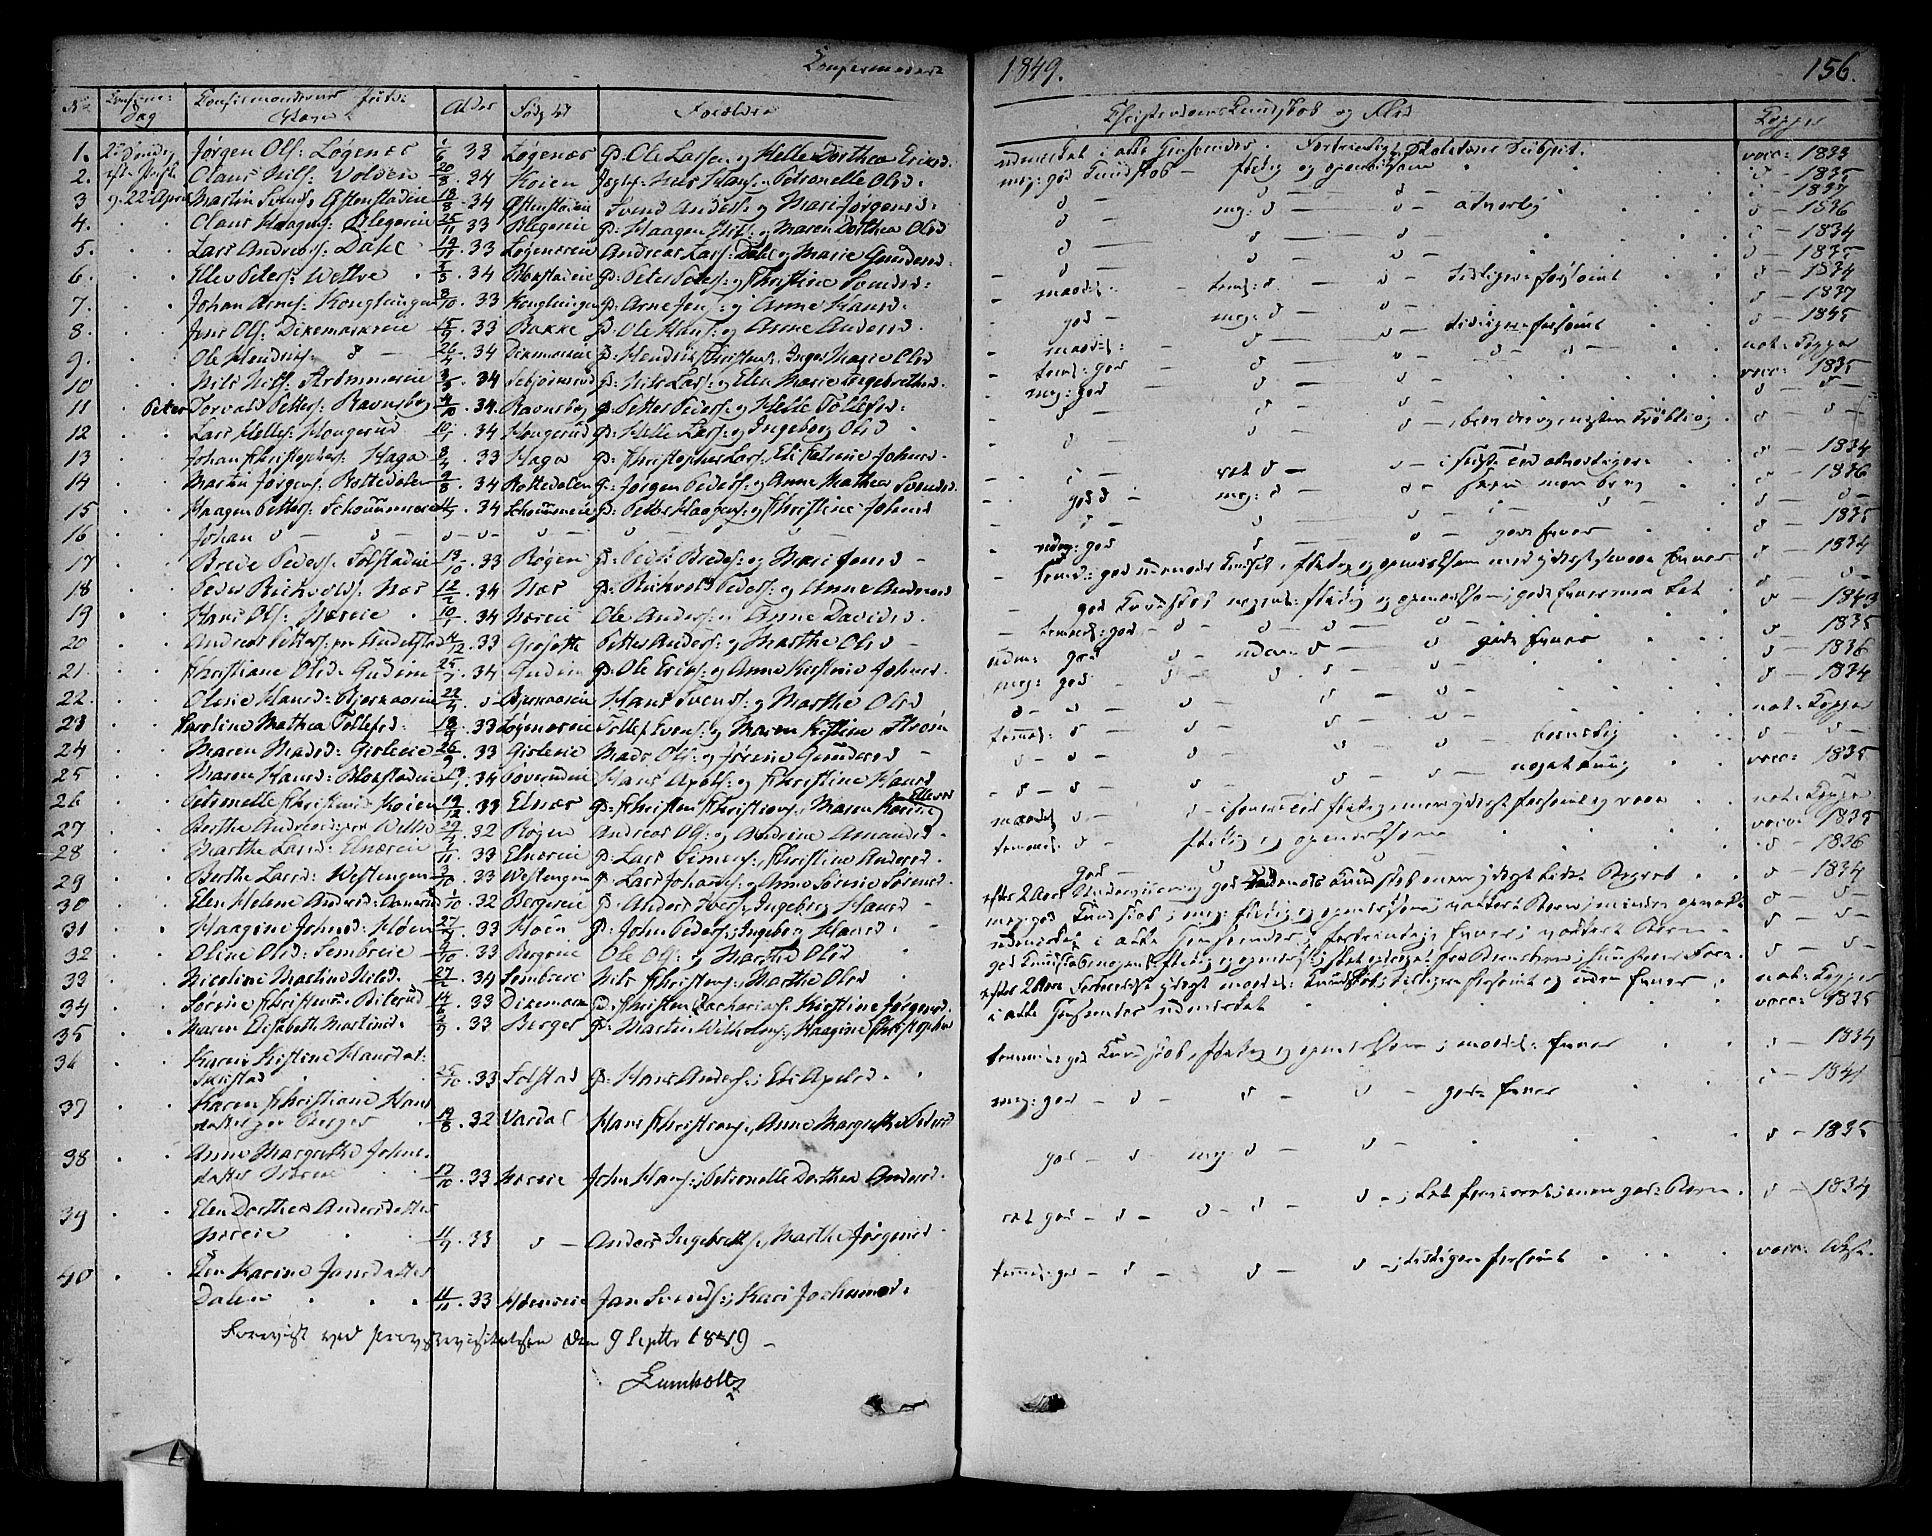 SAO, Asker prestekontor Kirkebøker, F/Fa/L0009: Ministerialbok nr. I 9, 1825-1878, s. 156